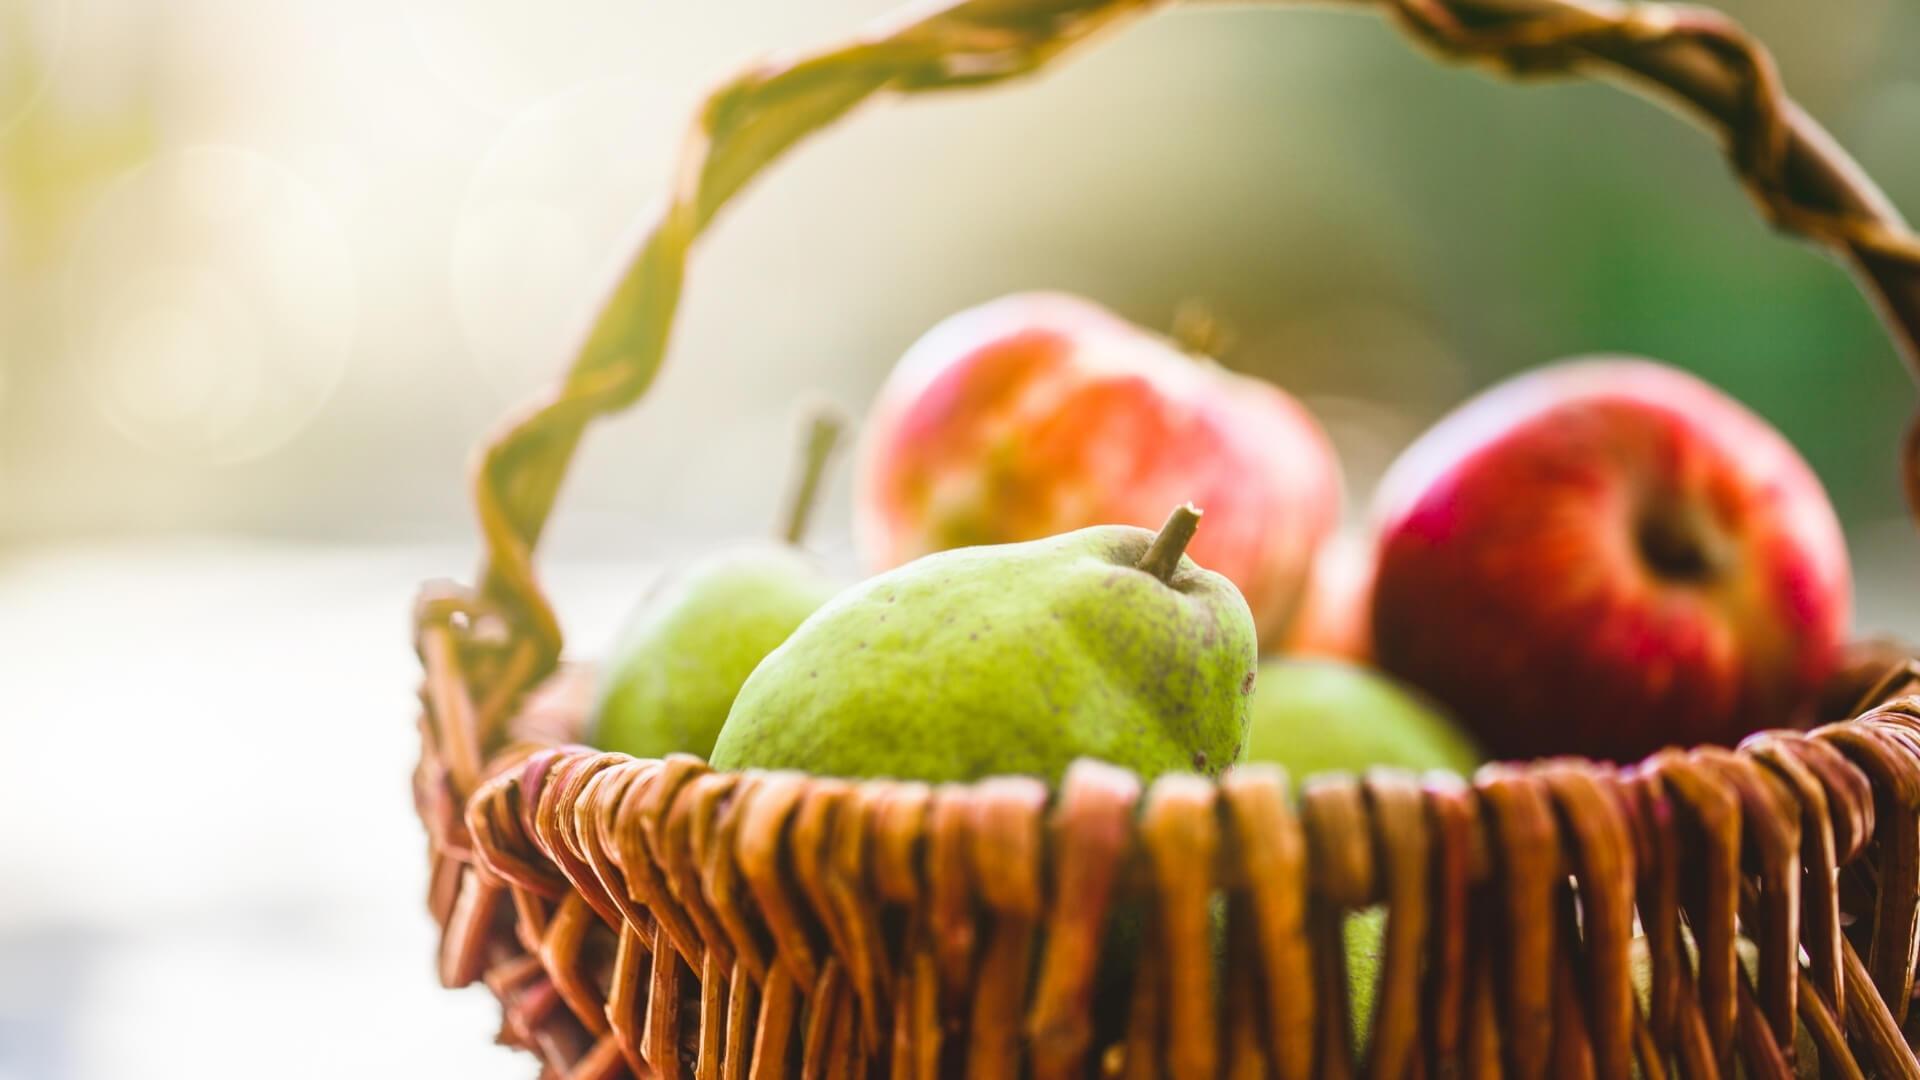 Pera o mela, qual è meglio?